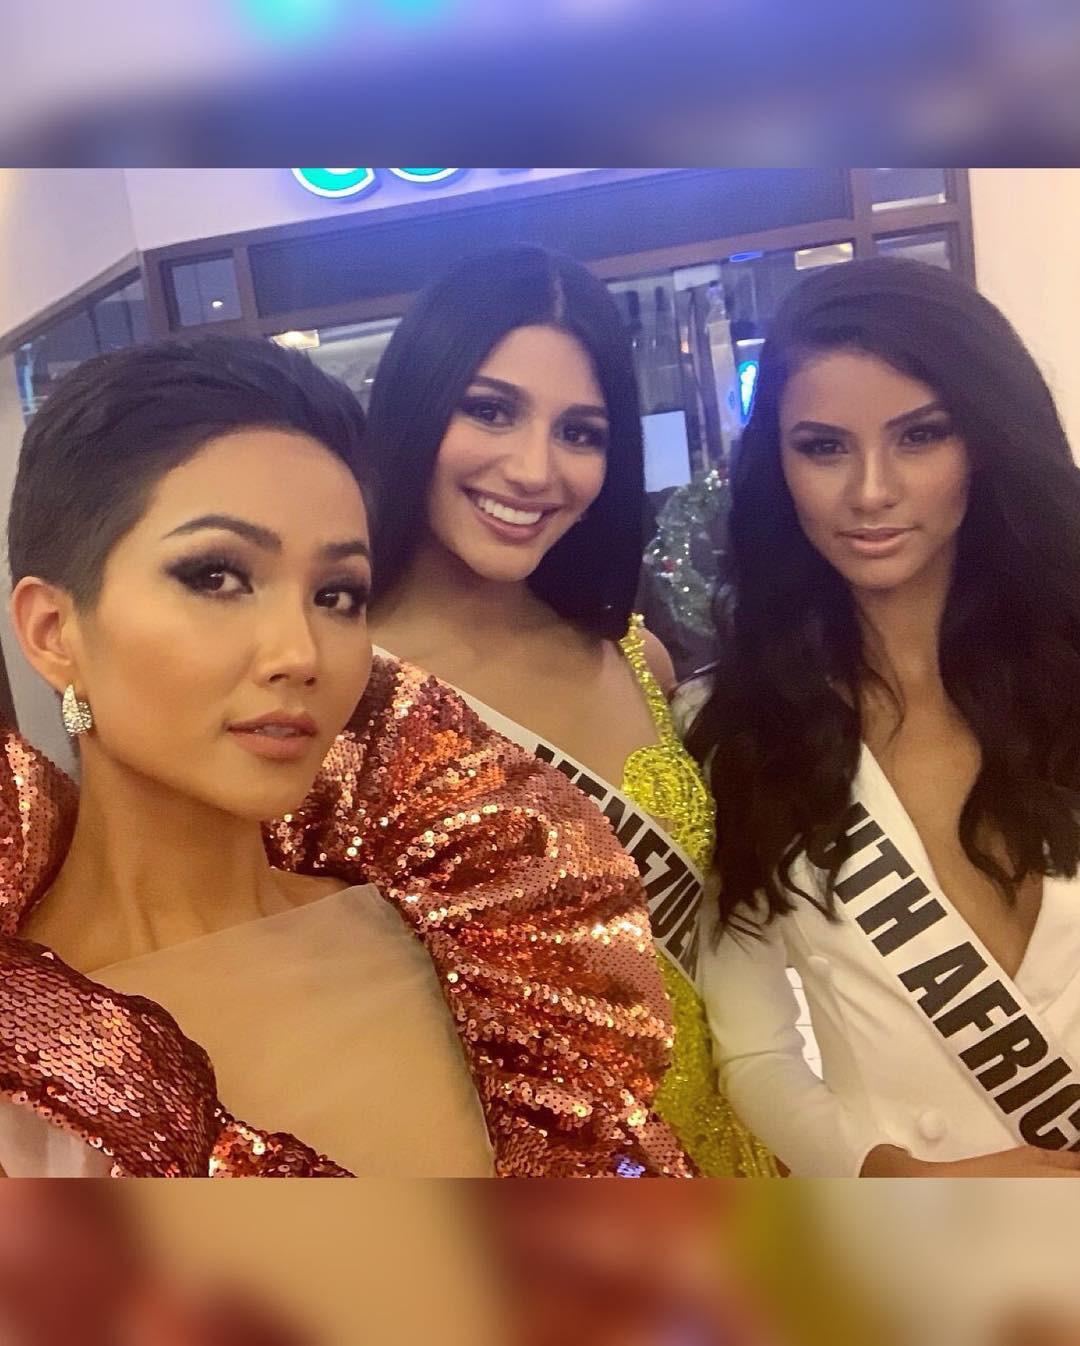 H'Hen Niê Miss Universe: Trang phục của H'Hen Niê tại Hoa hậu Hoàn Vũ - Ảnh 7.